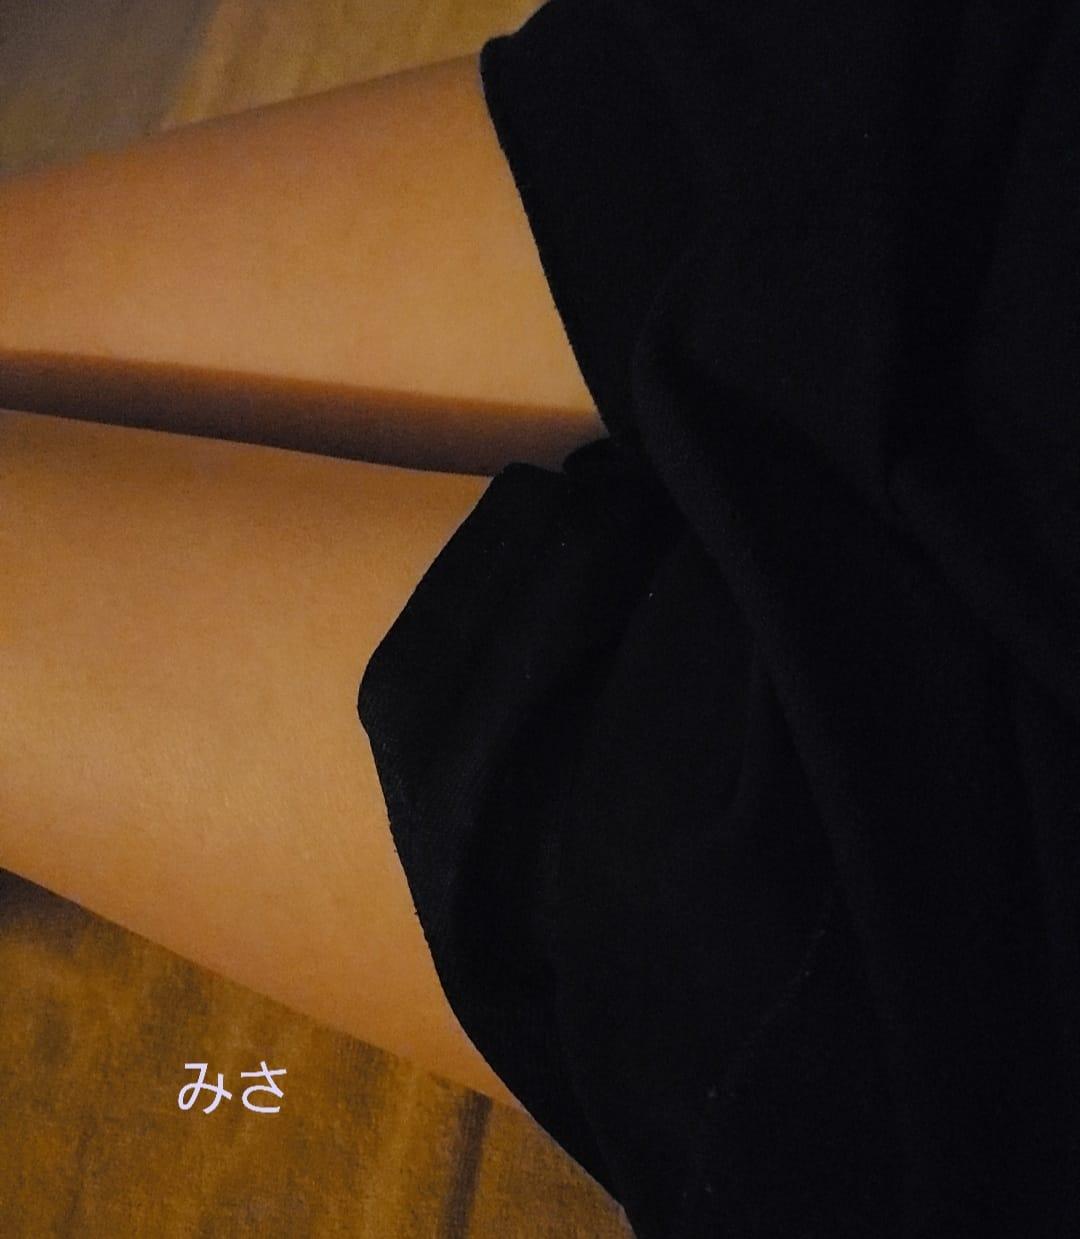 みさ「こんばんは!みさです」02/26(金) 16:40 | みさの写メ・風俗動画